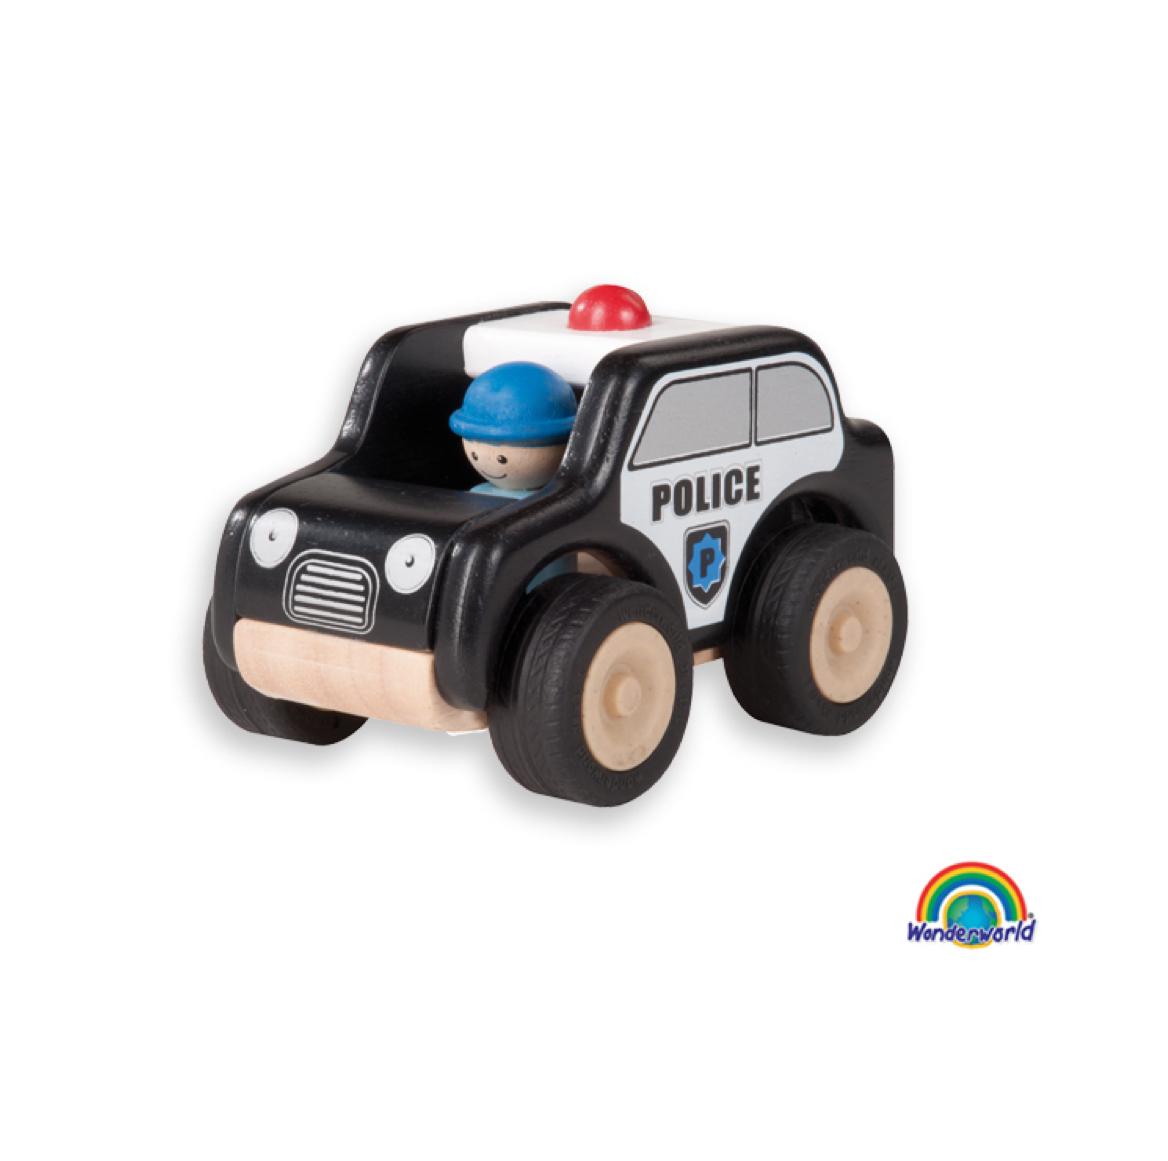 mini-patrol-car-de-wonderworld-en-el-mundo-de-mico